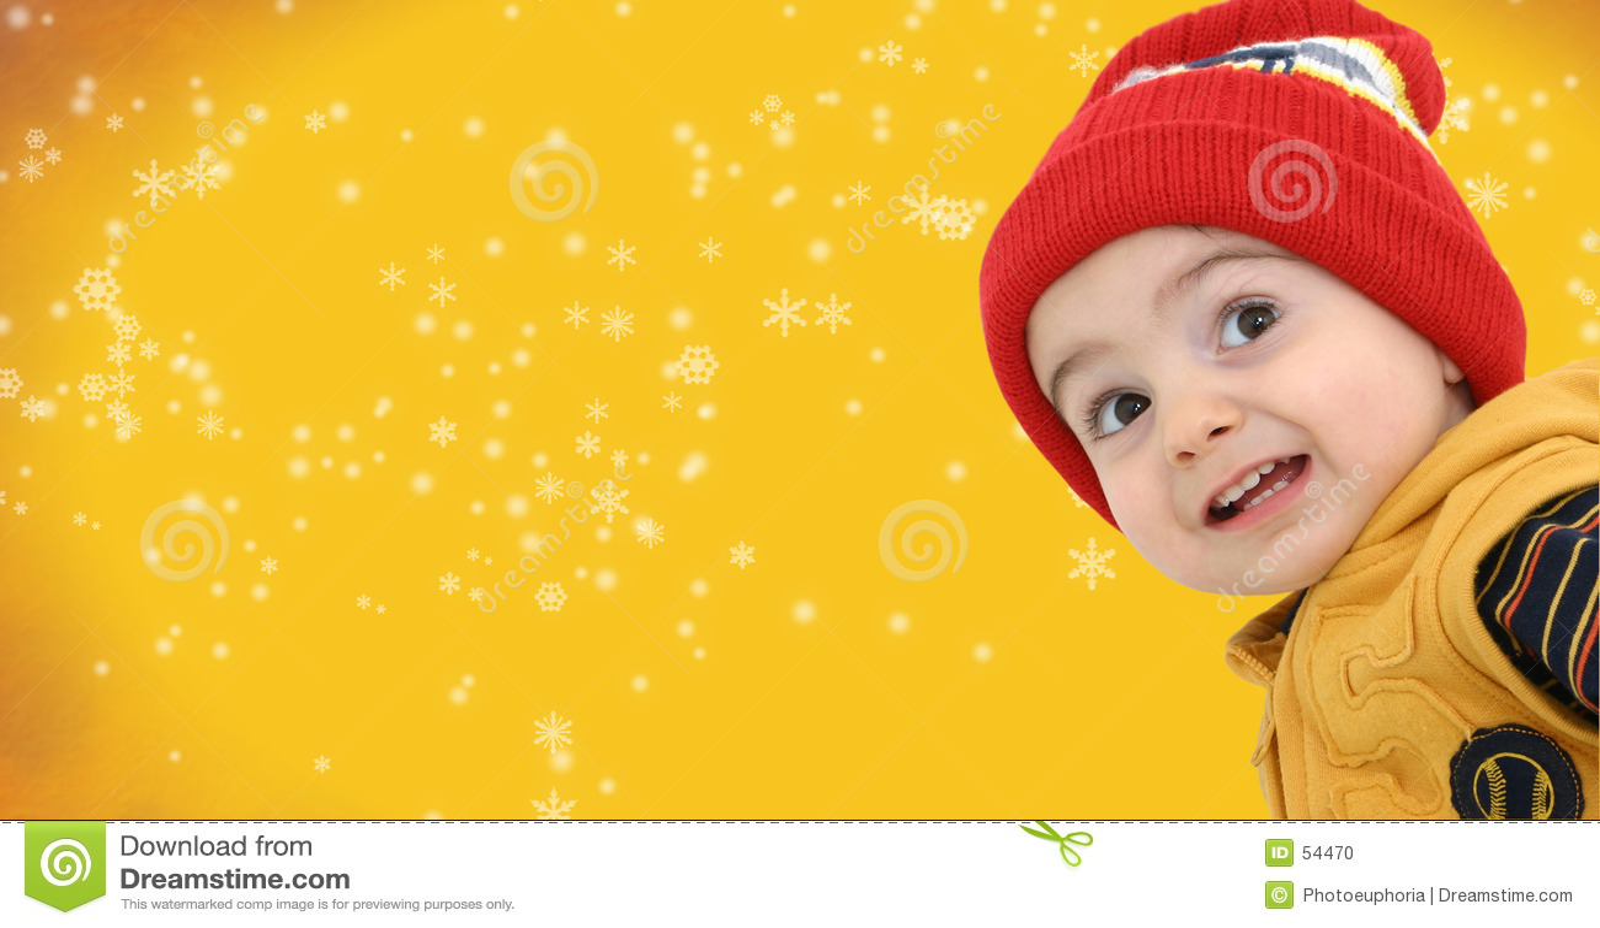 Chłopcy tła zimy snowfiake jasno żółty